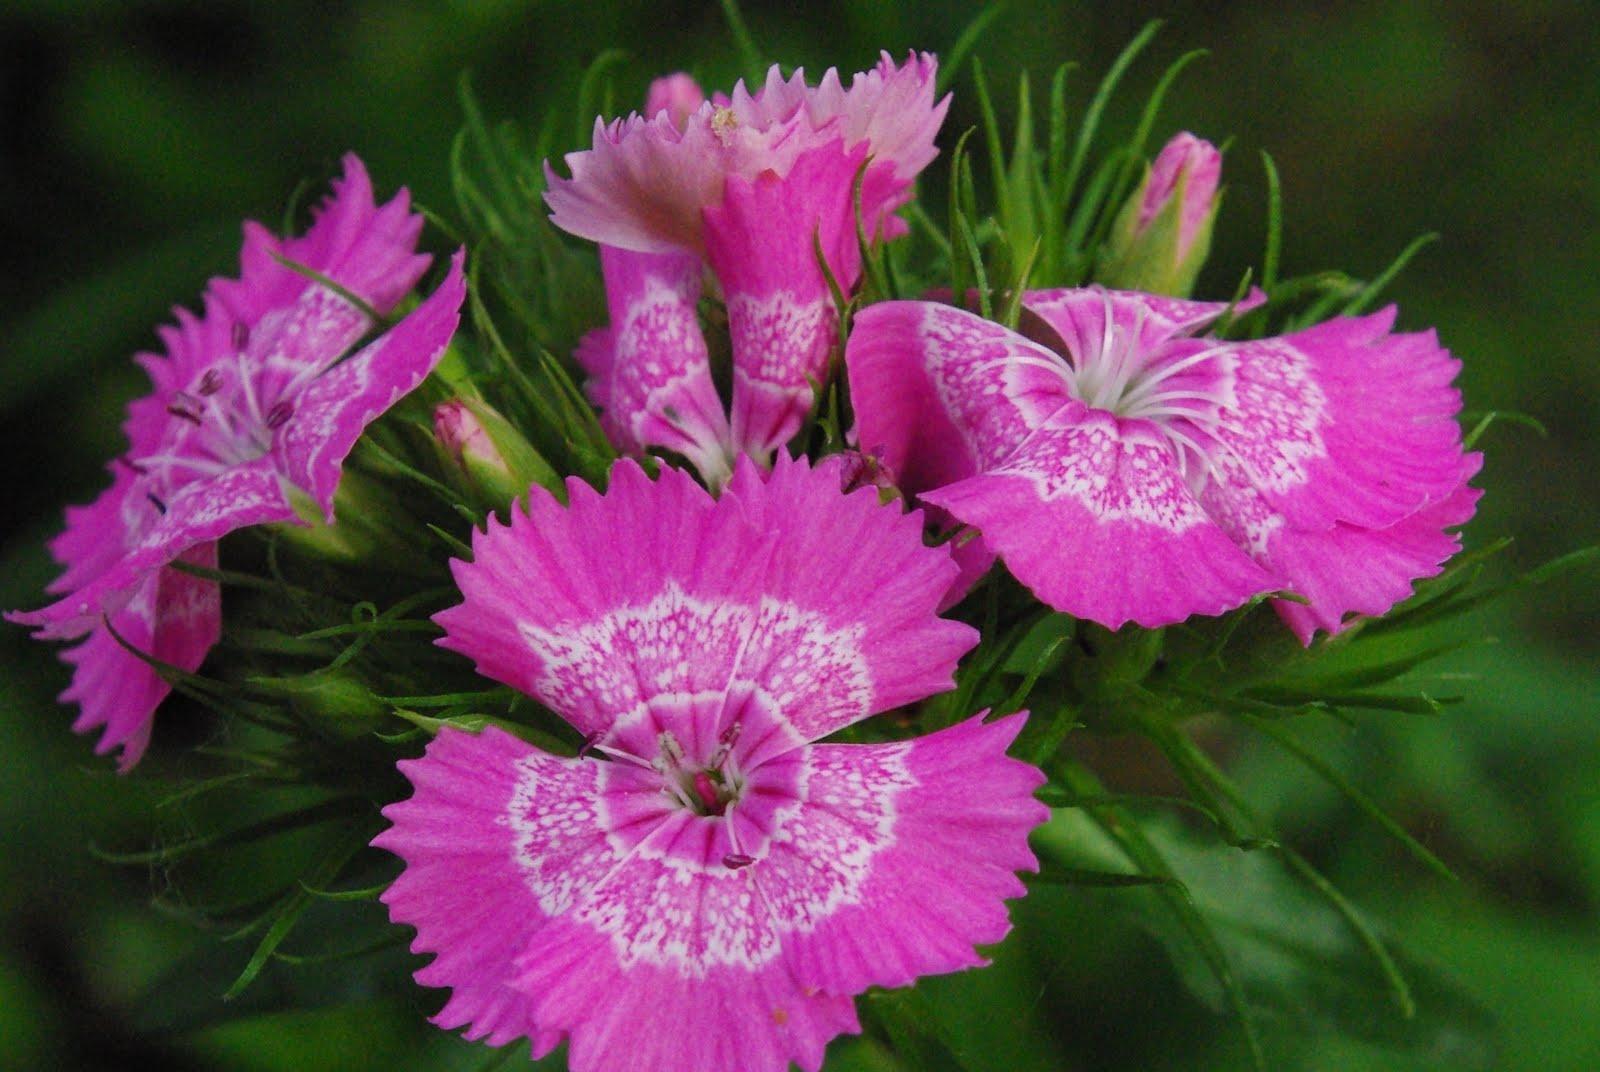 Flore en valois oeillet de chine dianthus sinensis dianthus chinensis - Oeillet de chine ...